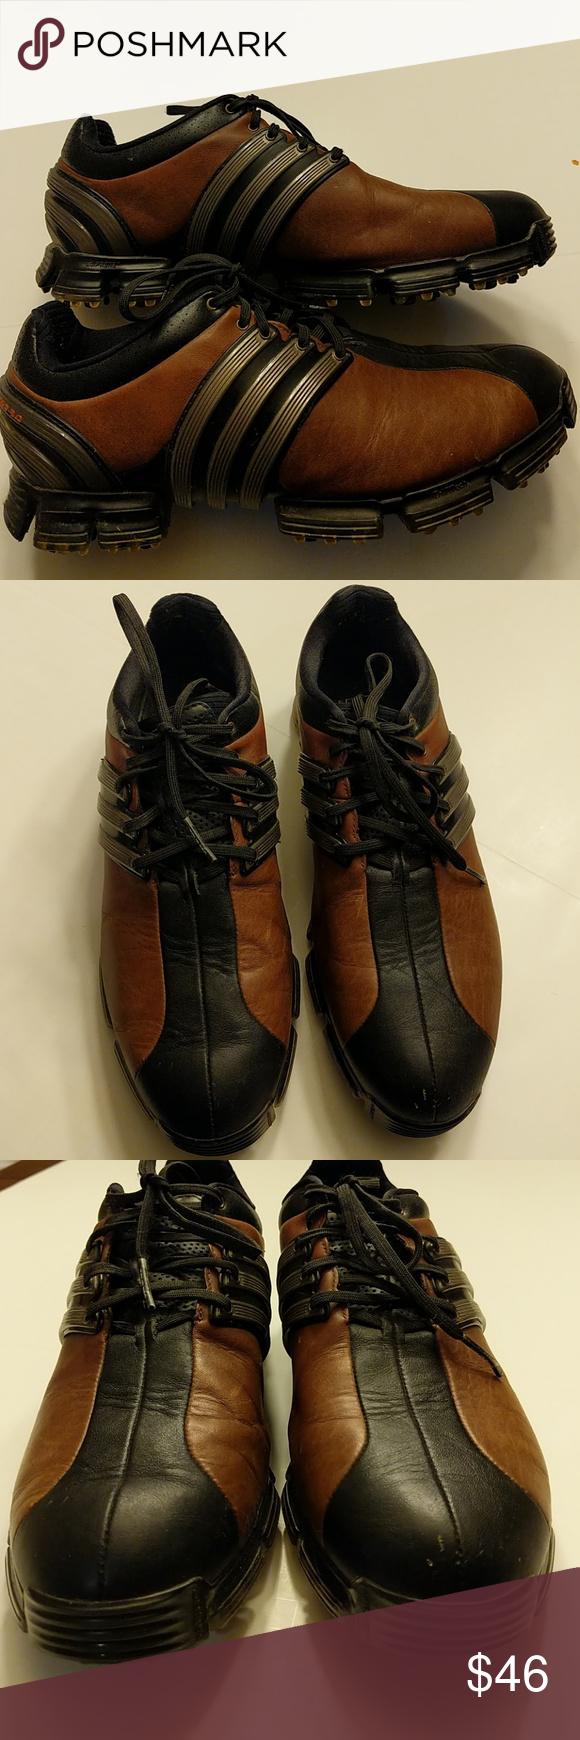 Adidas 3D fit foam tour360 golf shoes